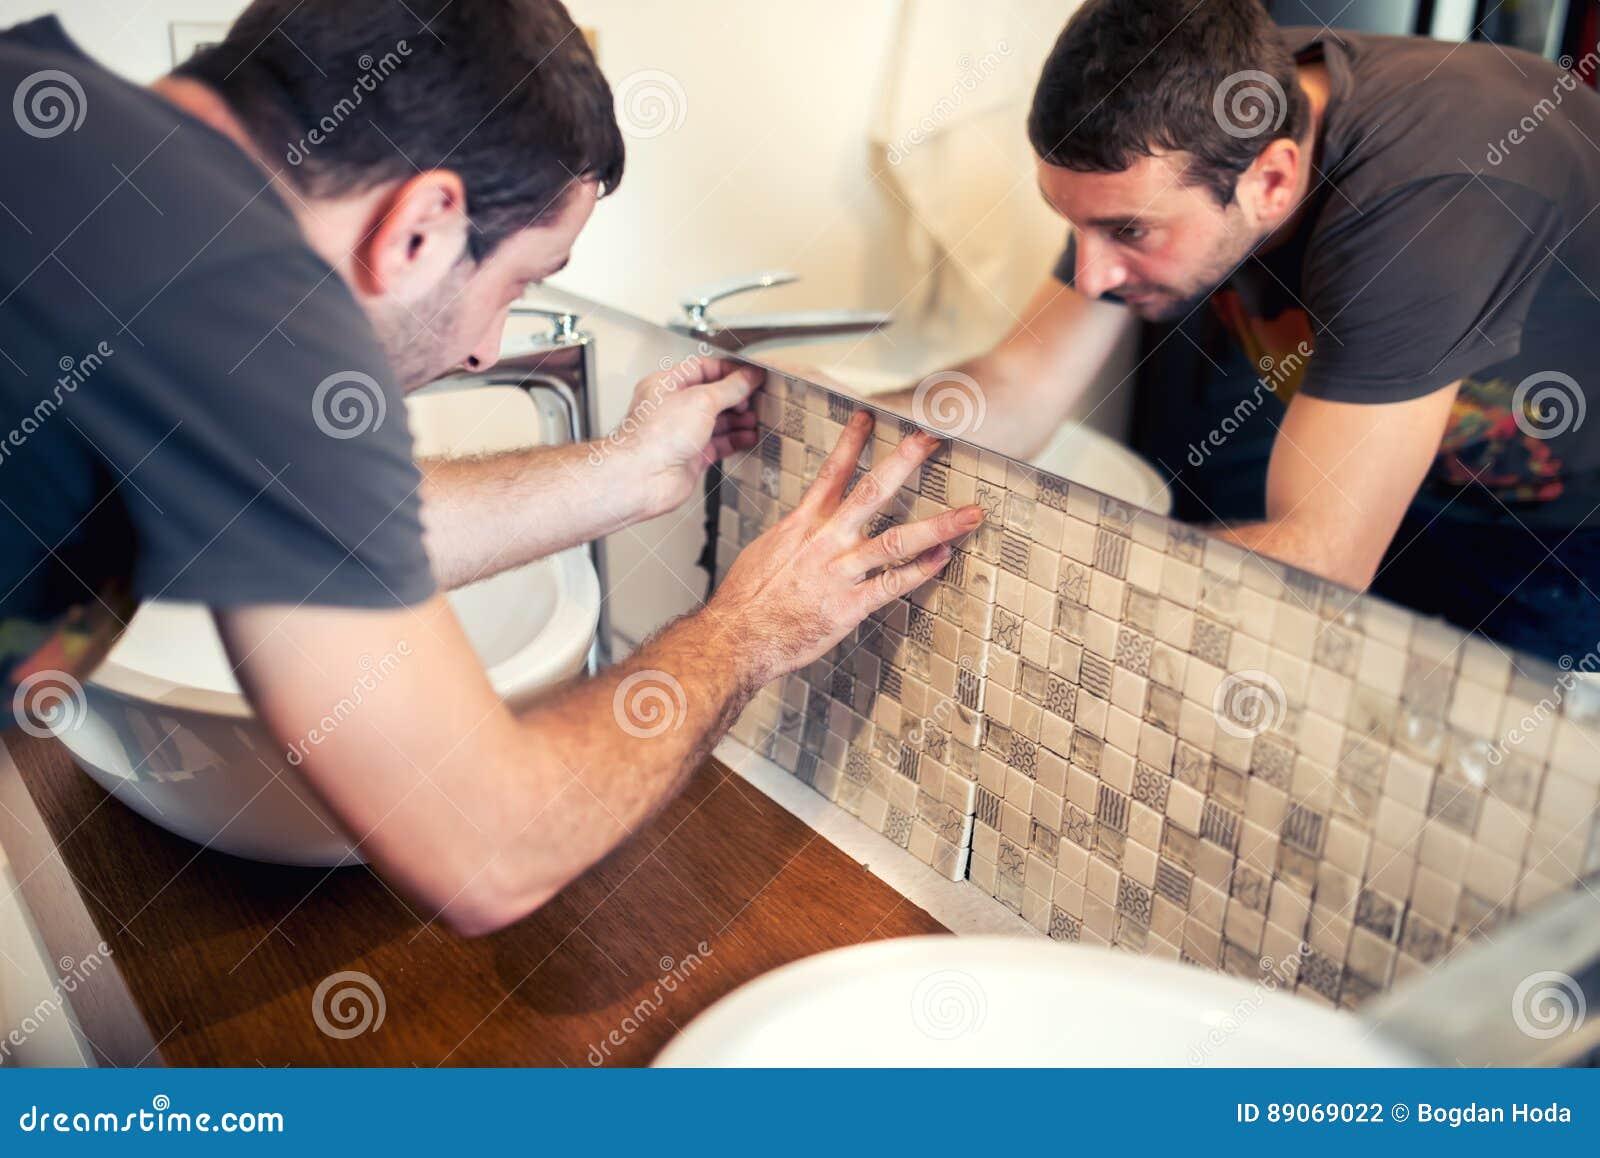 Byggnadsarbetare som lägger keramiska tegelplattor, Tiler som förlägger den keramiska väggtegelplattan i position över bindemedel